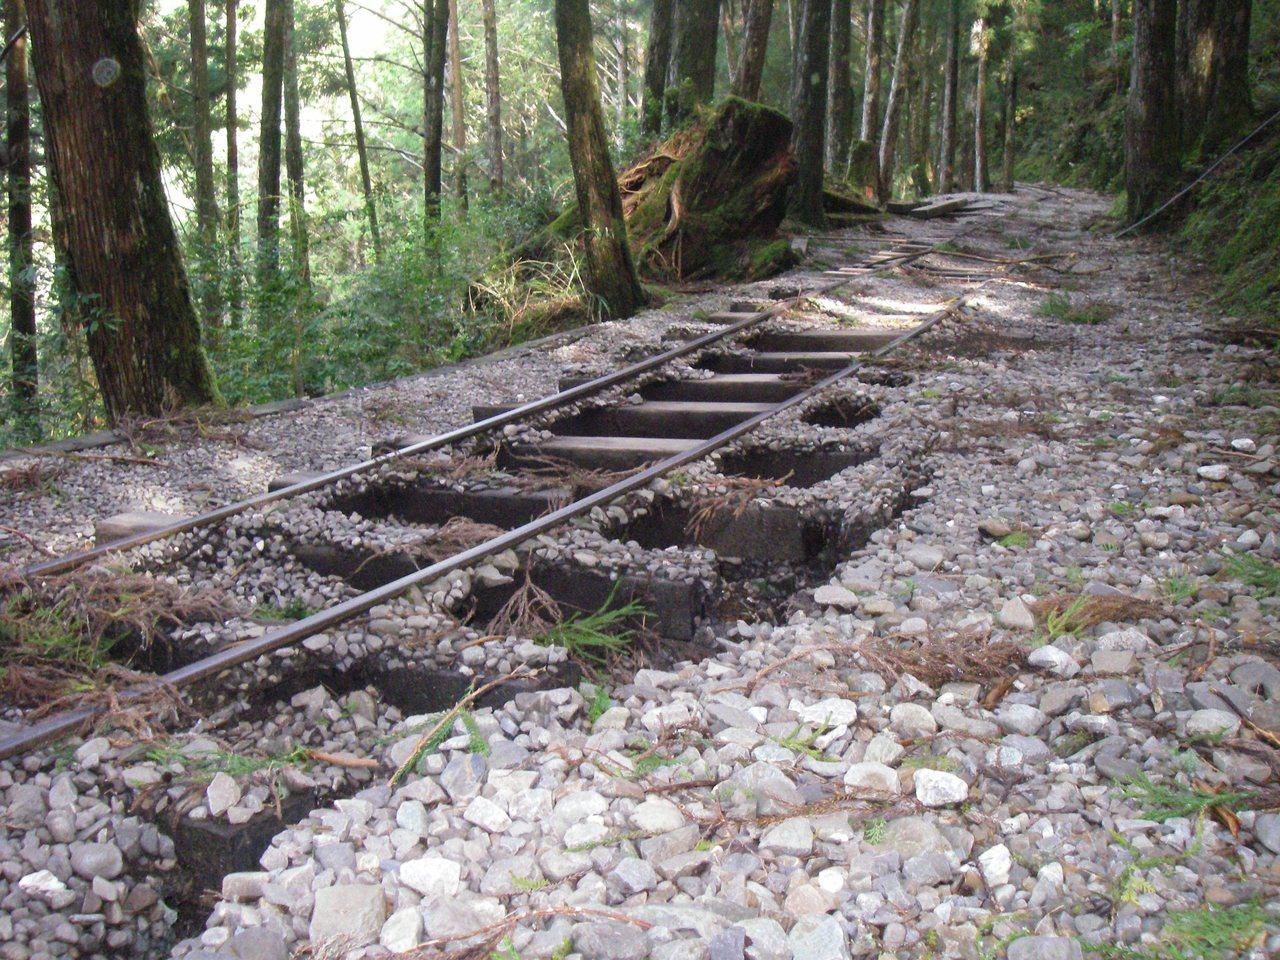 太平山蹦蹦車軌道因颱風導致路基坍塌,單線軌道又增添修復難度。圖/羅東林管處提供